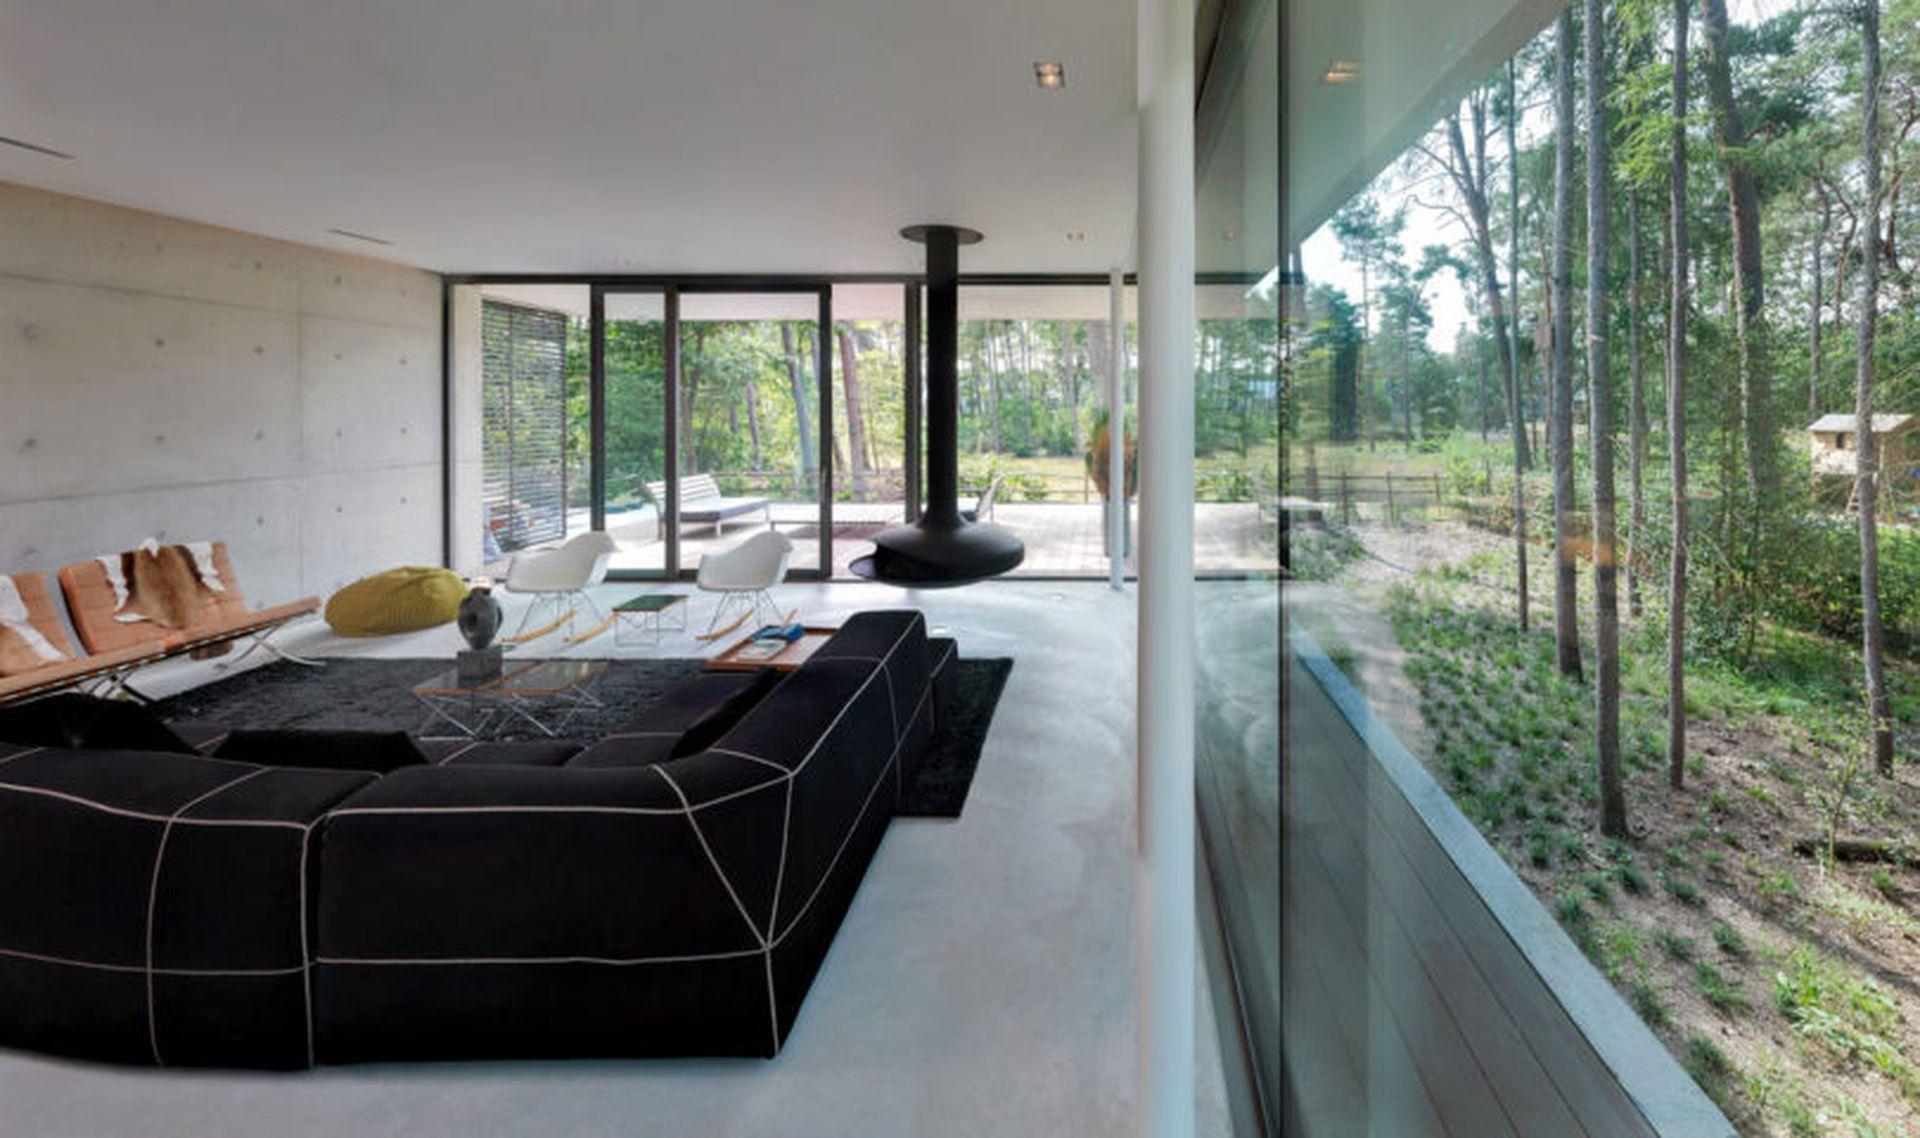 Concrete House Hides Glass Walls And Nature Views Architecten